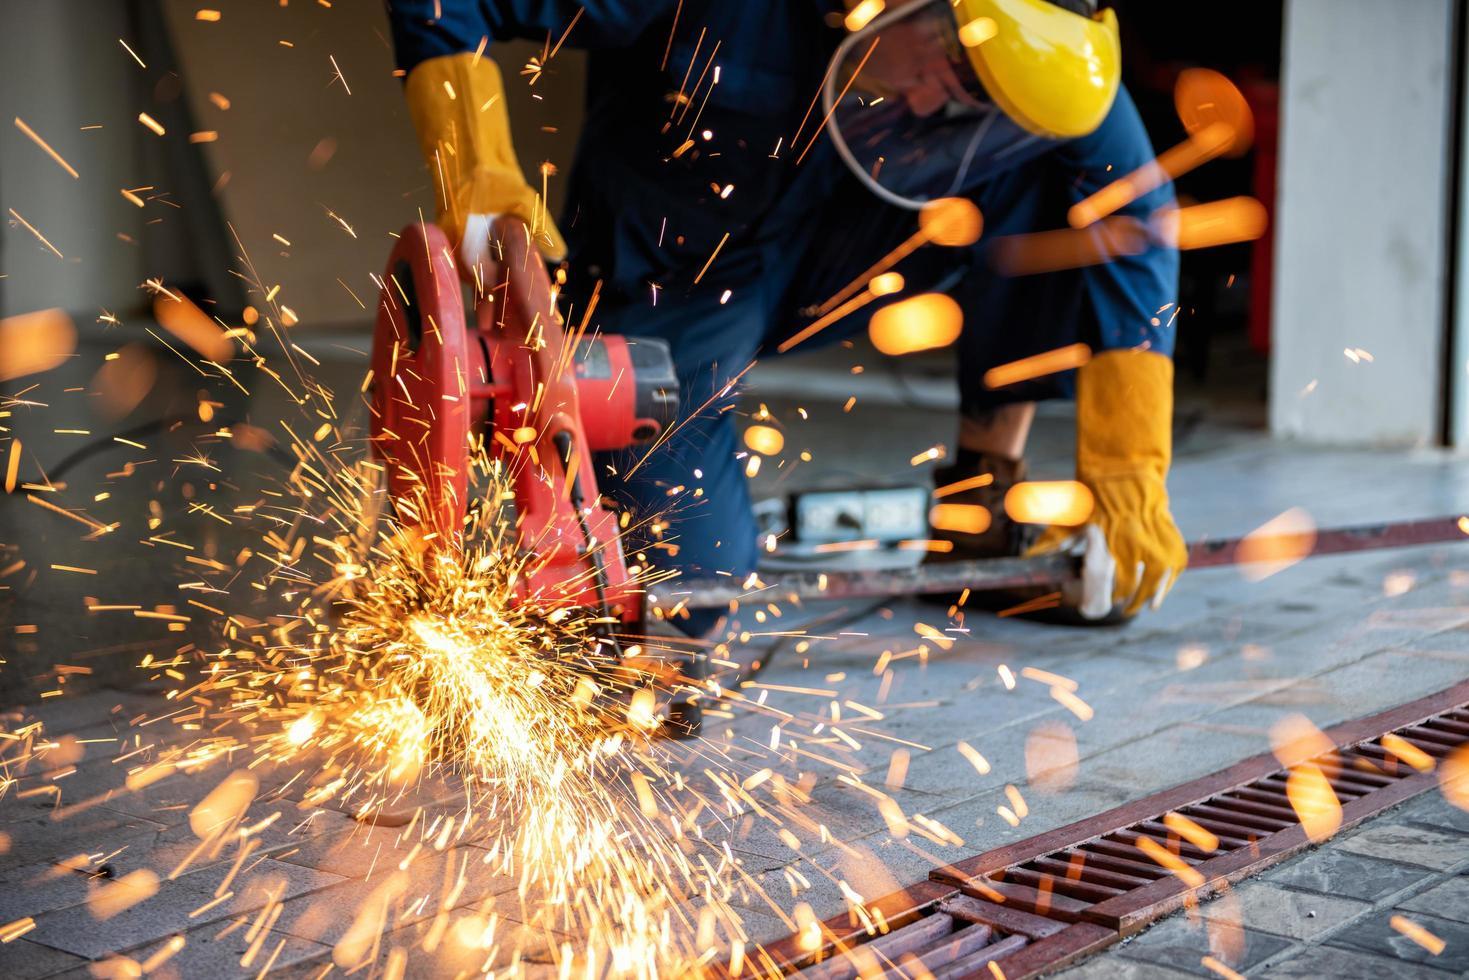 Des étincelles volent alors qu'un soudeur coupe de l'acier sur un chantier de construction photo